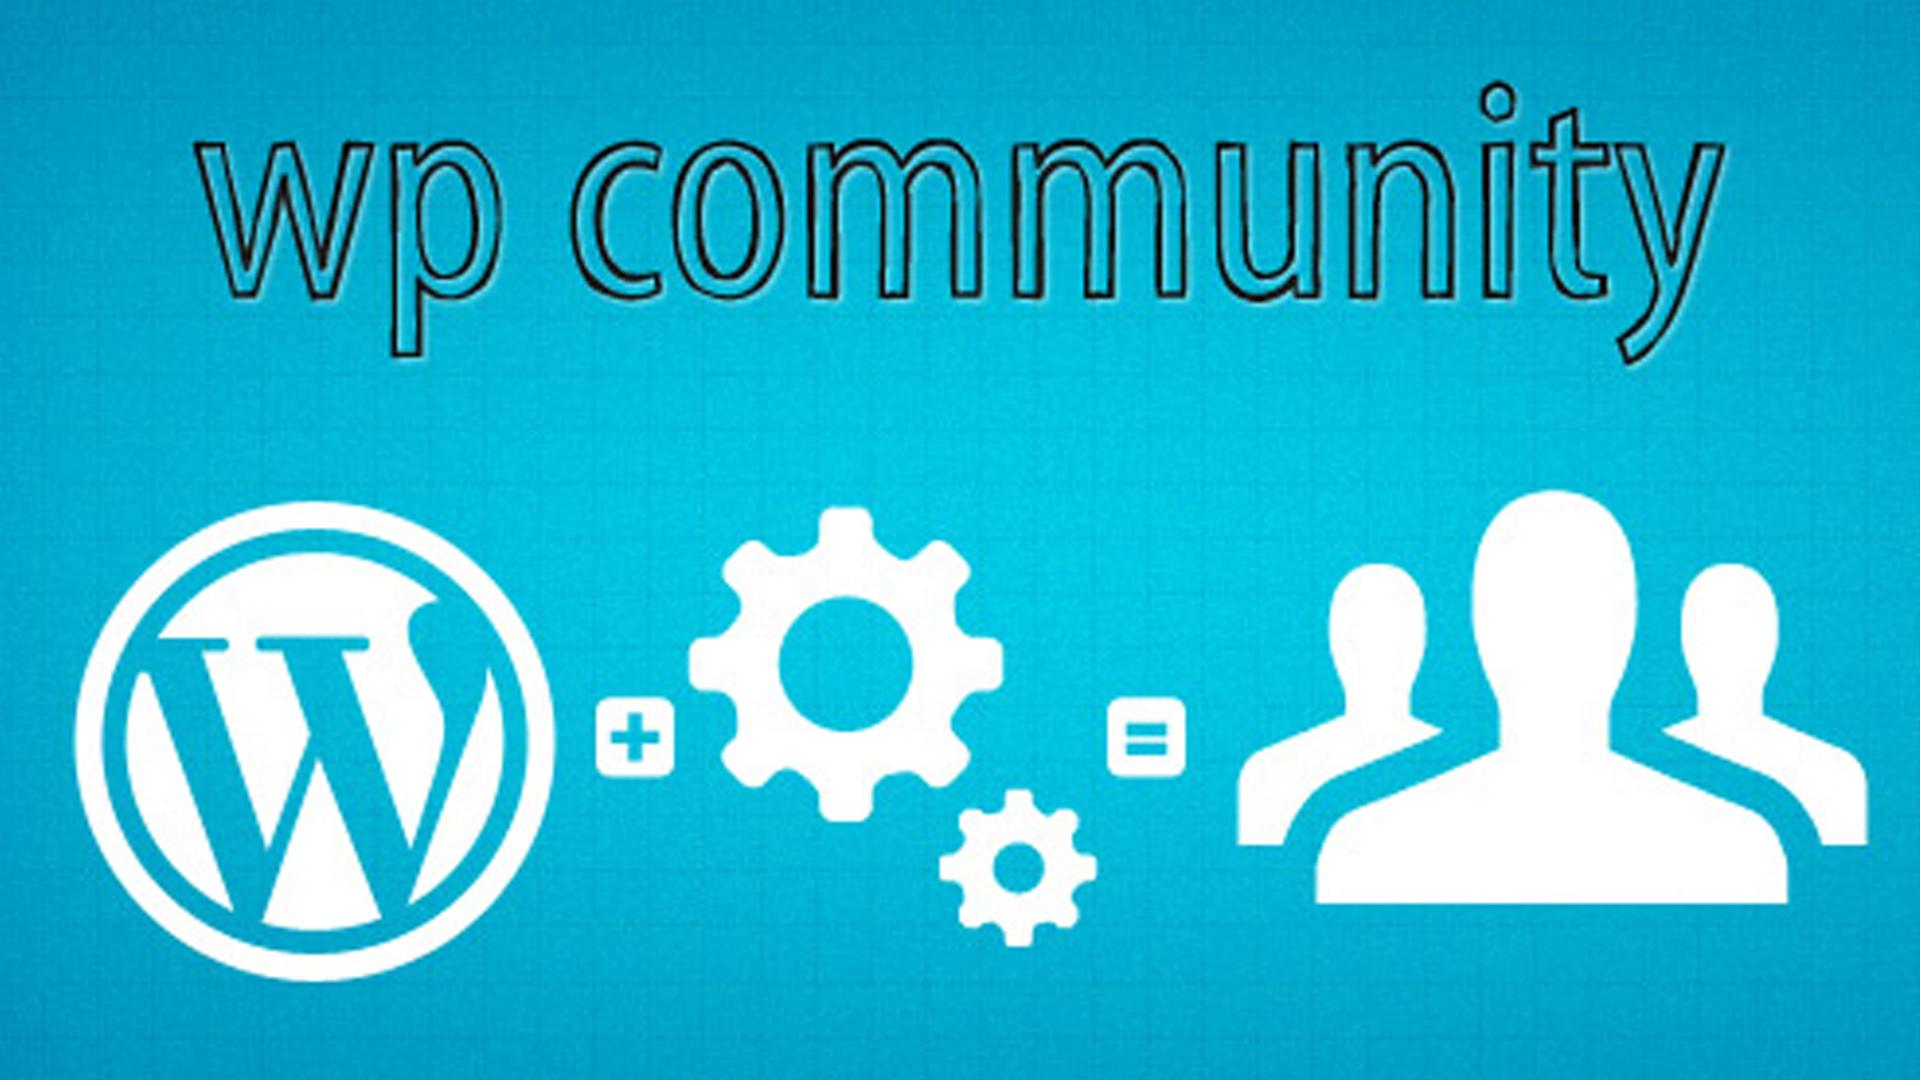 plugin komunitas wordpress gratis terbaik - rio bermano